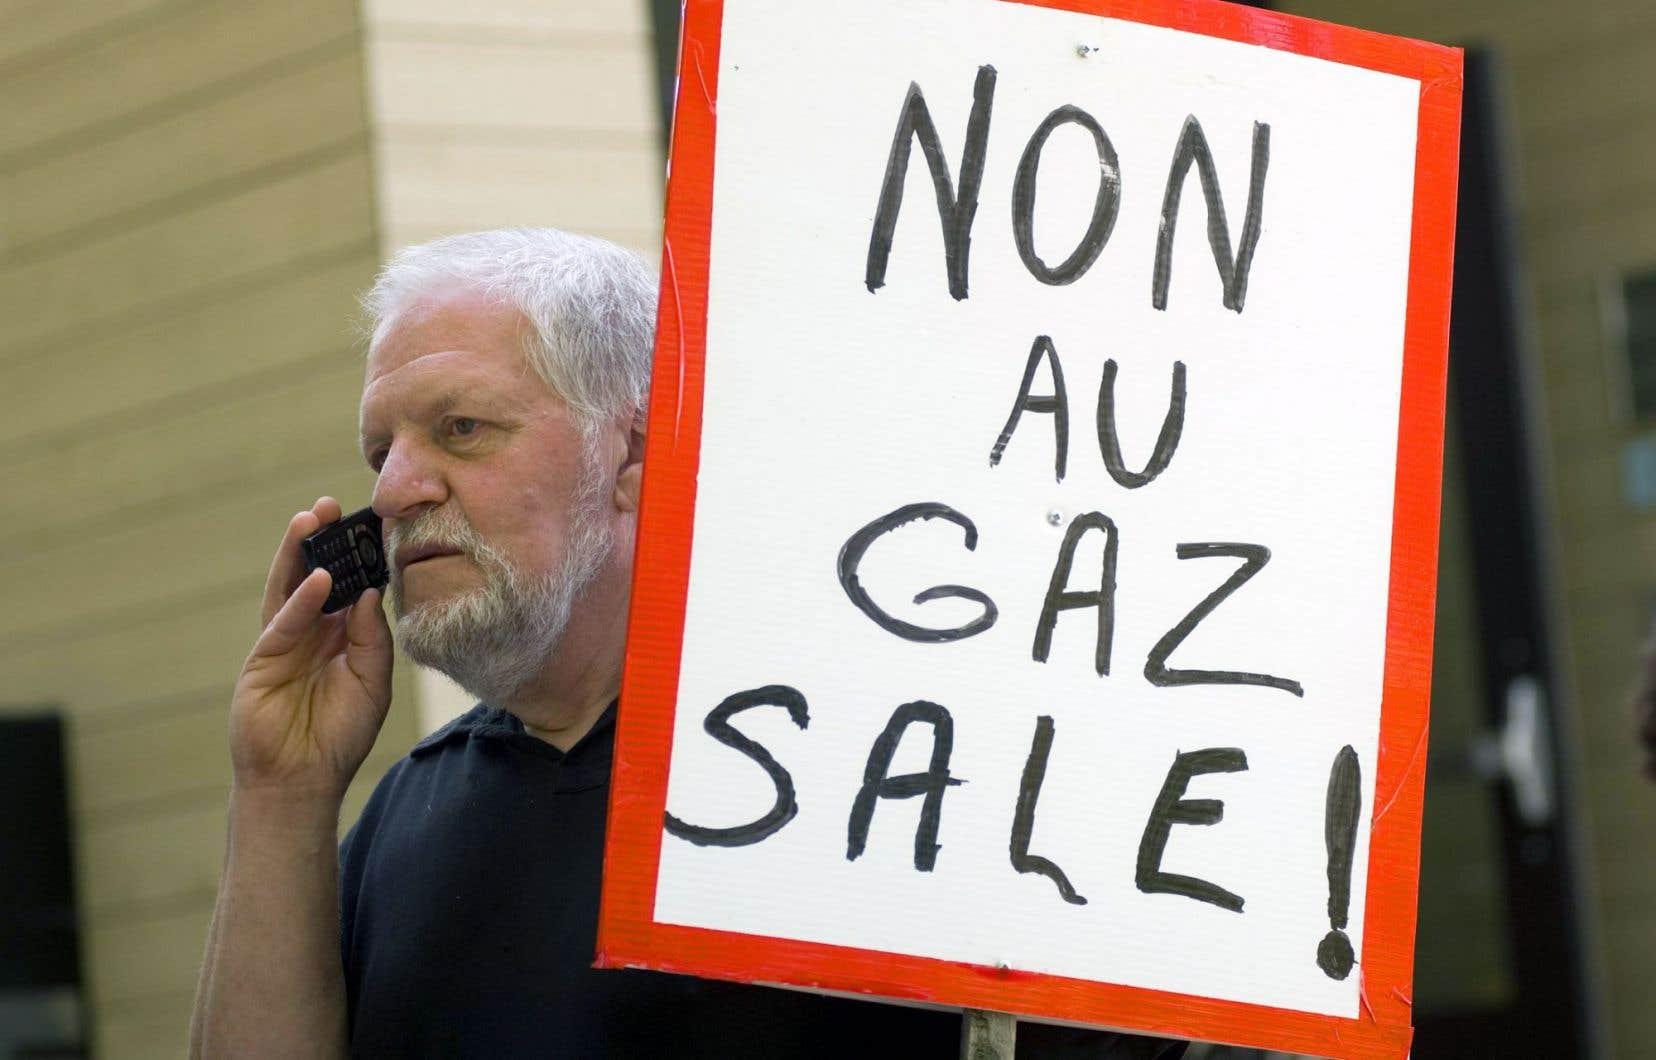 Les opposants à la filière gazière rappellent que l'implantation de l'industrie nécessiterait de quadriller systématiquement de larges pans du sud de la province,